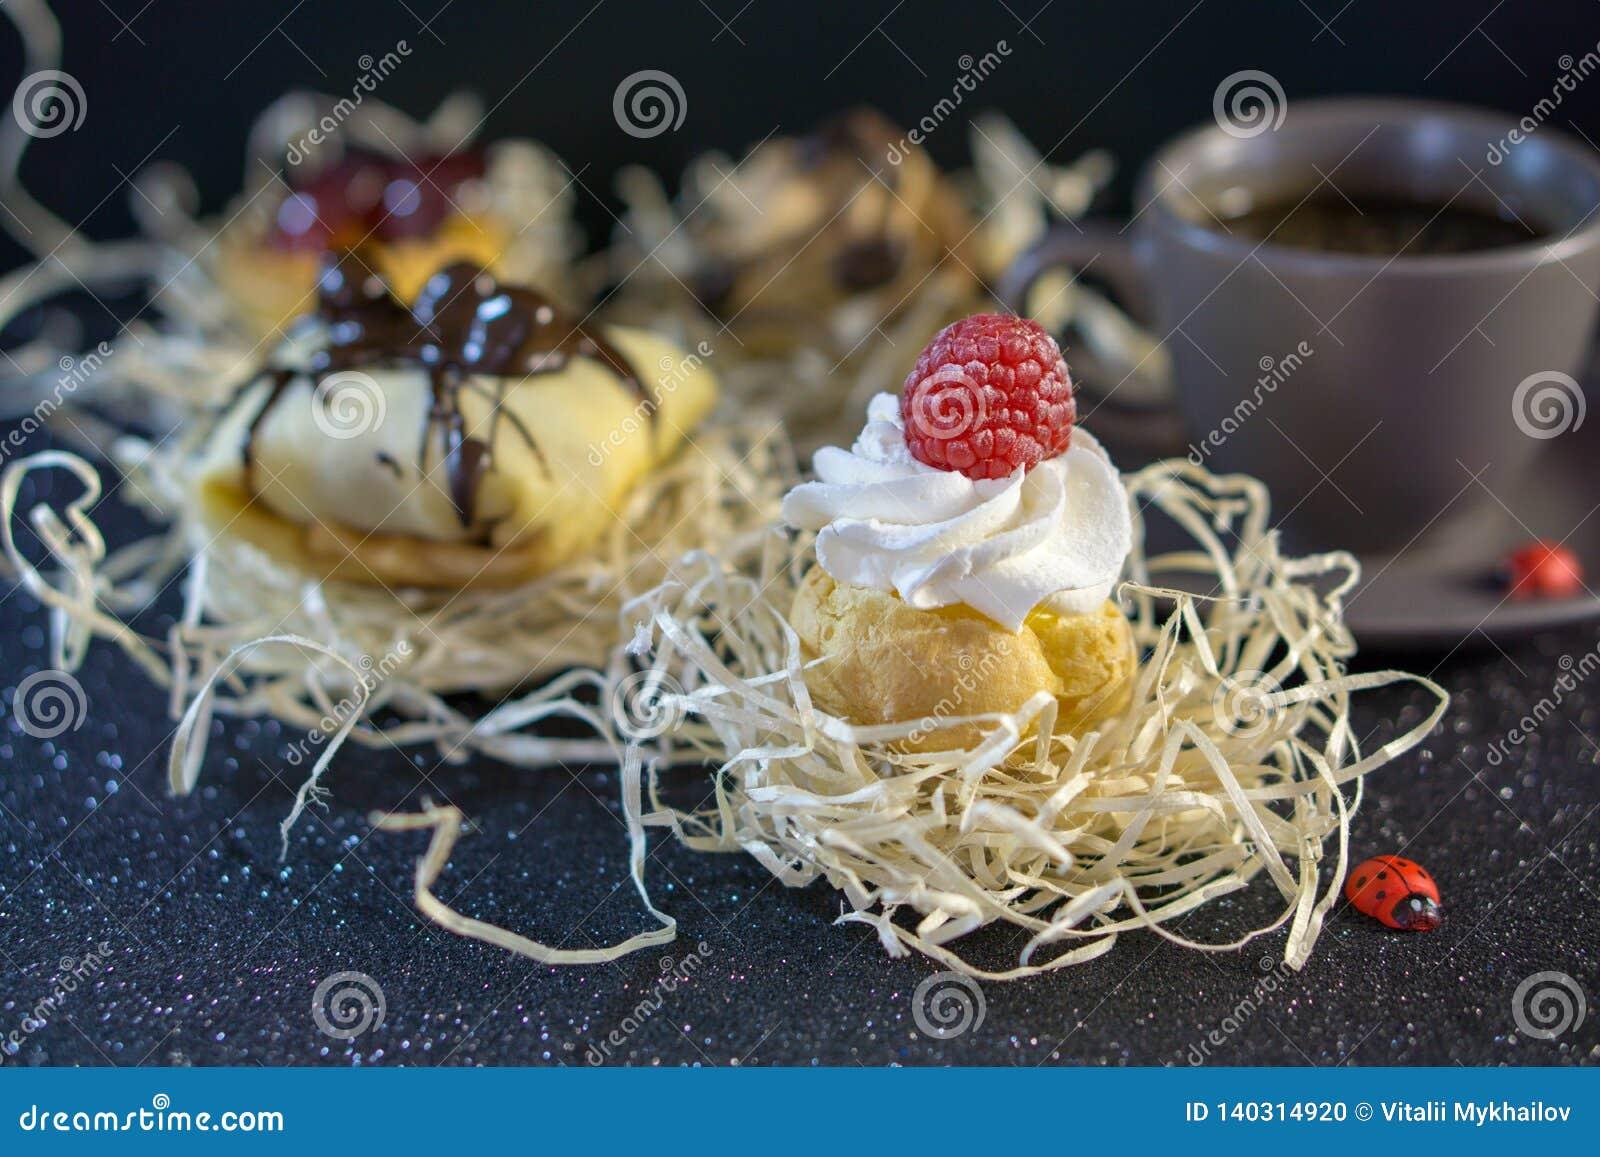 Göttliches Gebäck mit Himbeeren und Creme, mit einer Unterseite unter dem Kuchen, verwischt den Hintergrund mit anderem Gebäck un